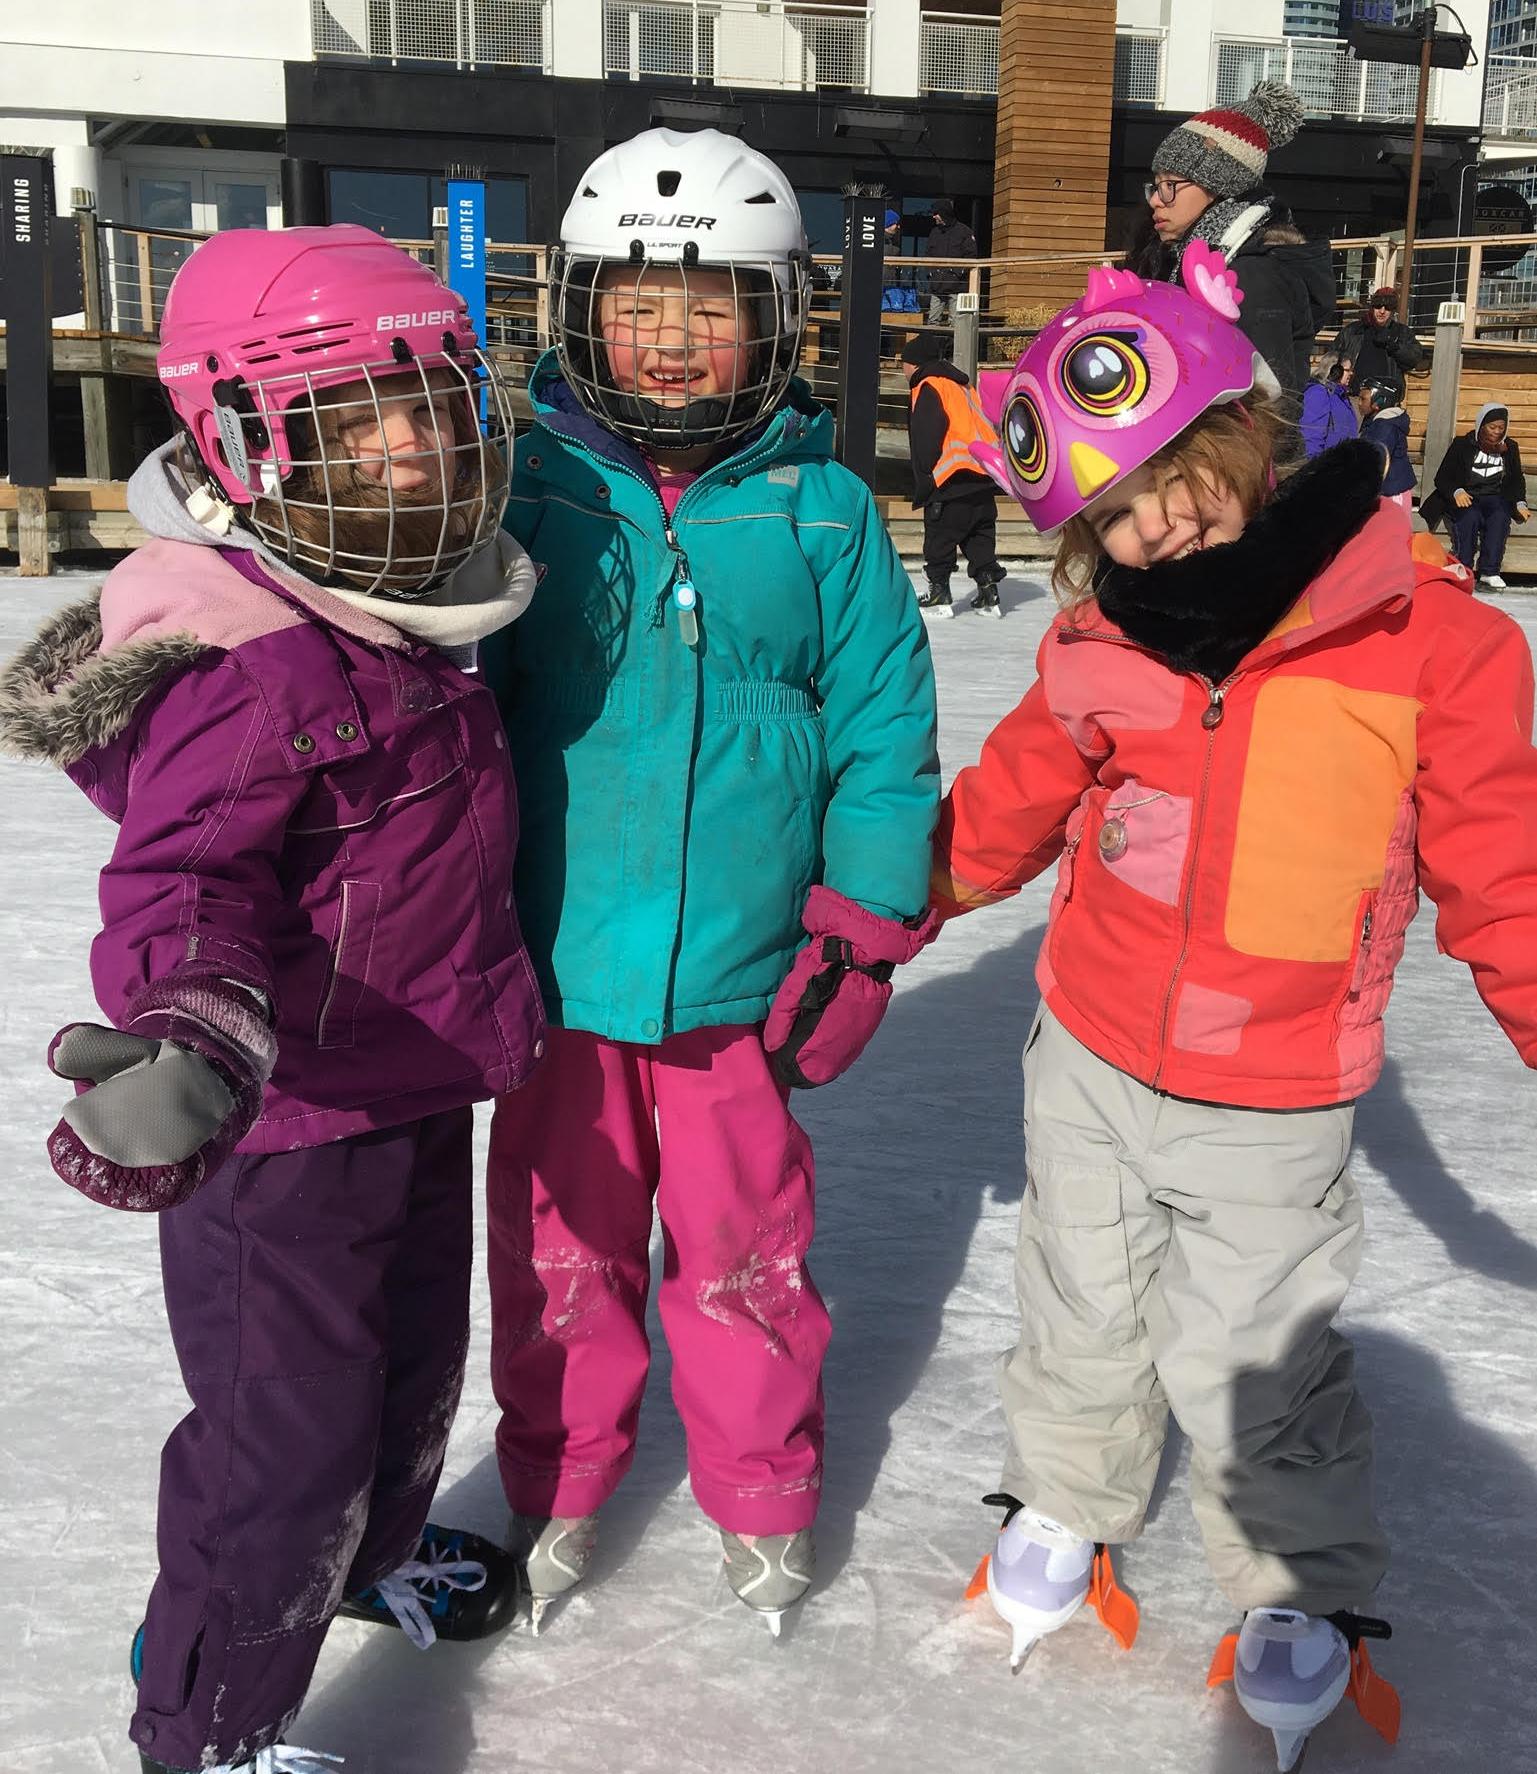 Skate_2018_5.jpg